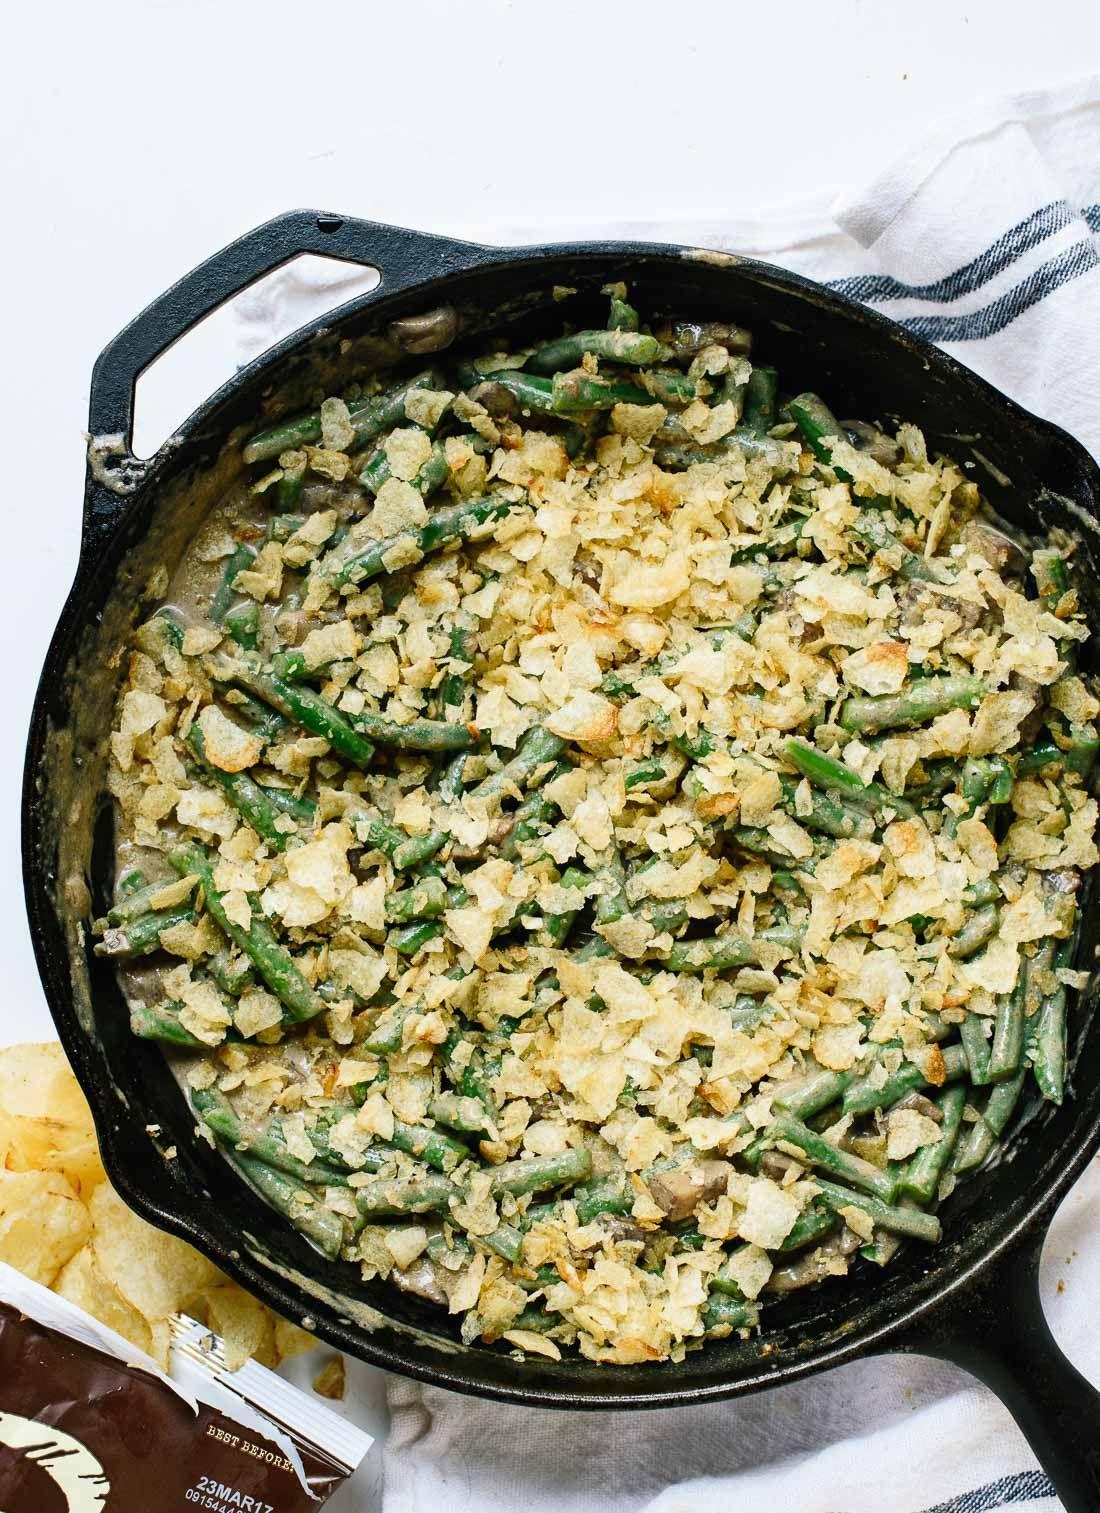 Almost Homemade Green Bean Casserole Recipe Homemade Green